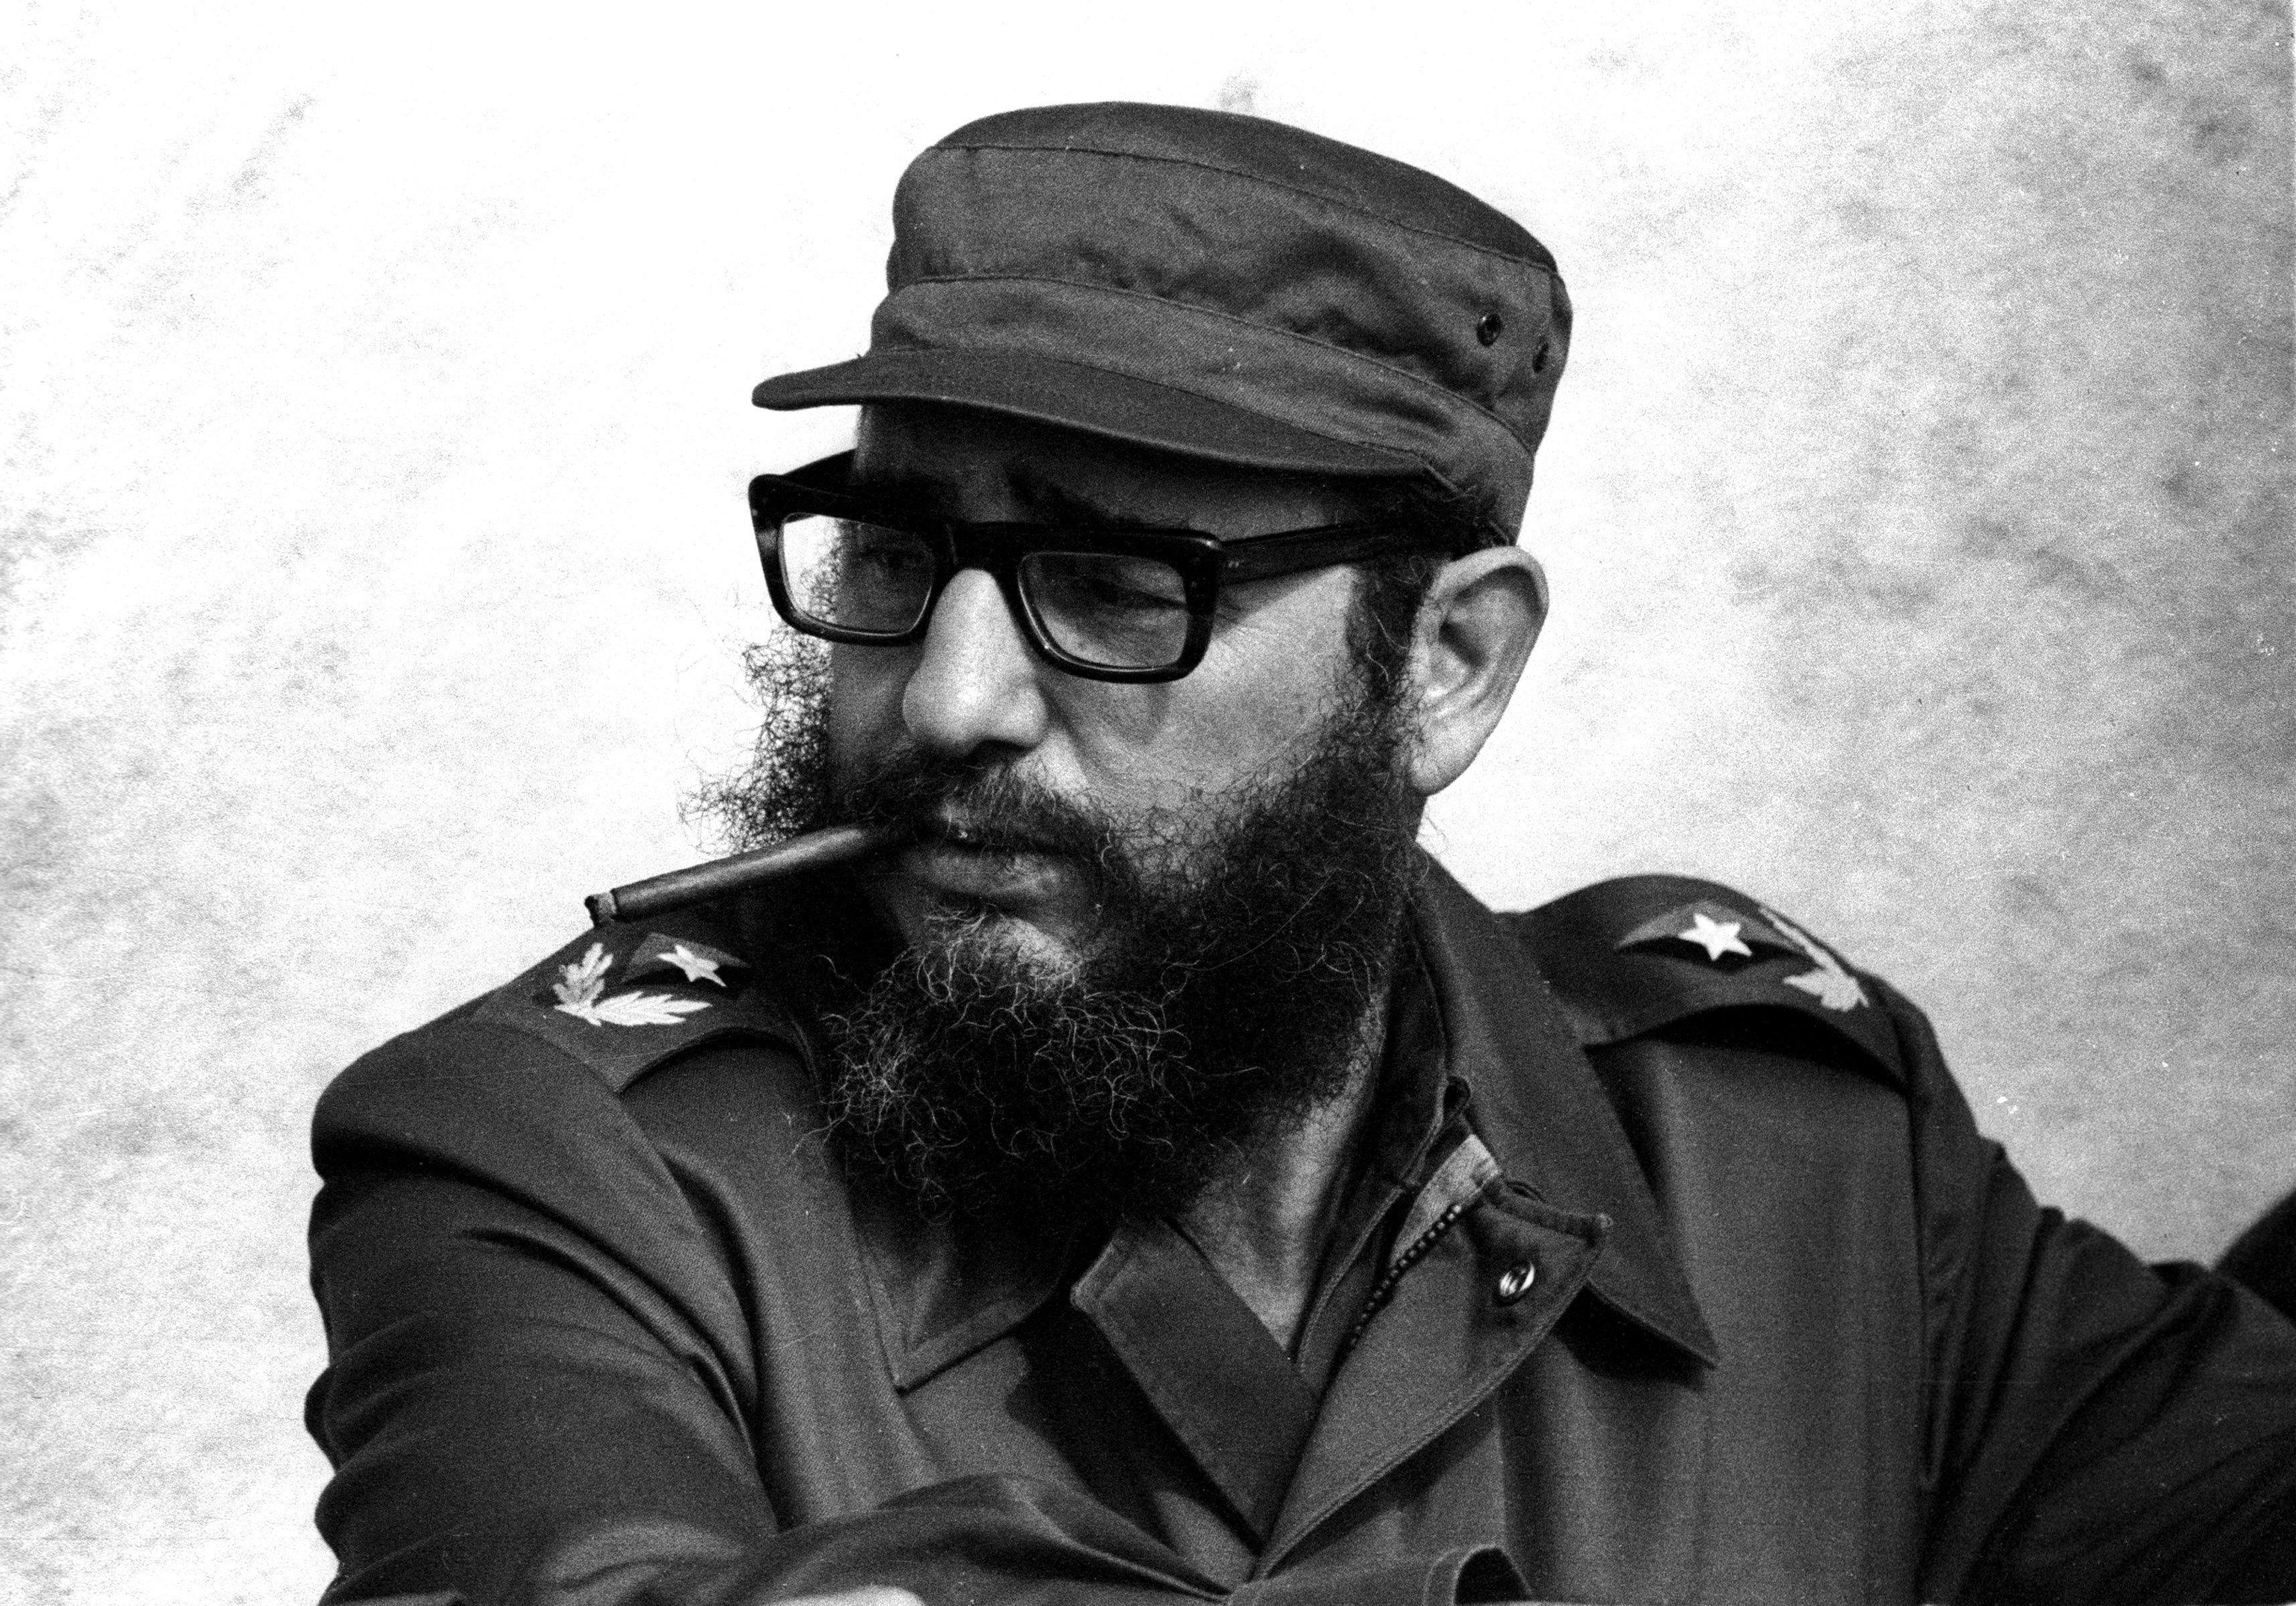 Former Cuban Leader Fidel Castro Dead at 90